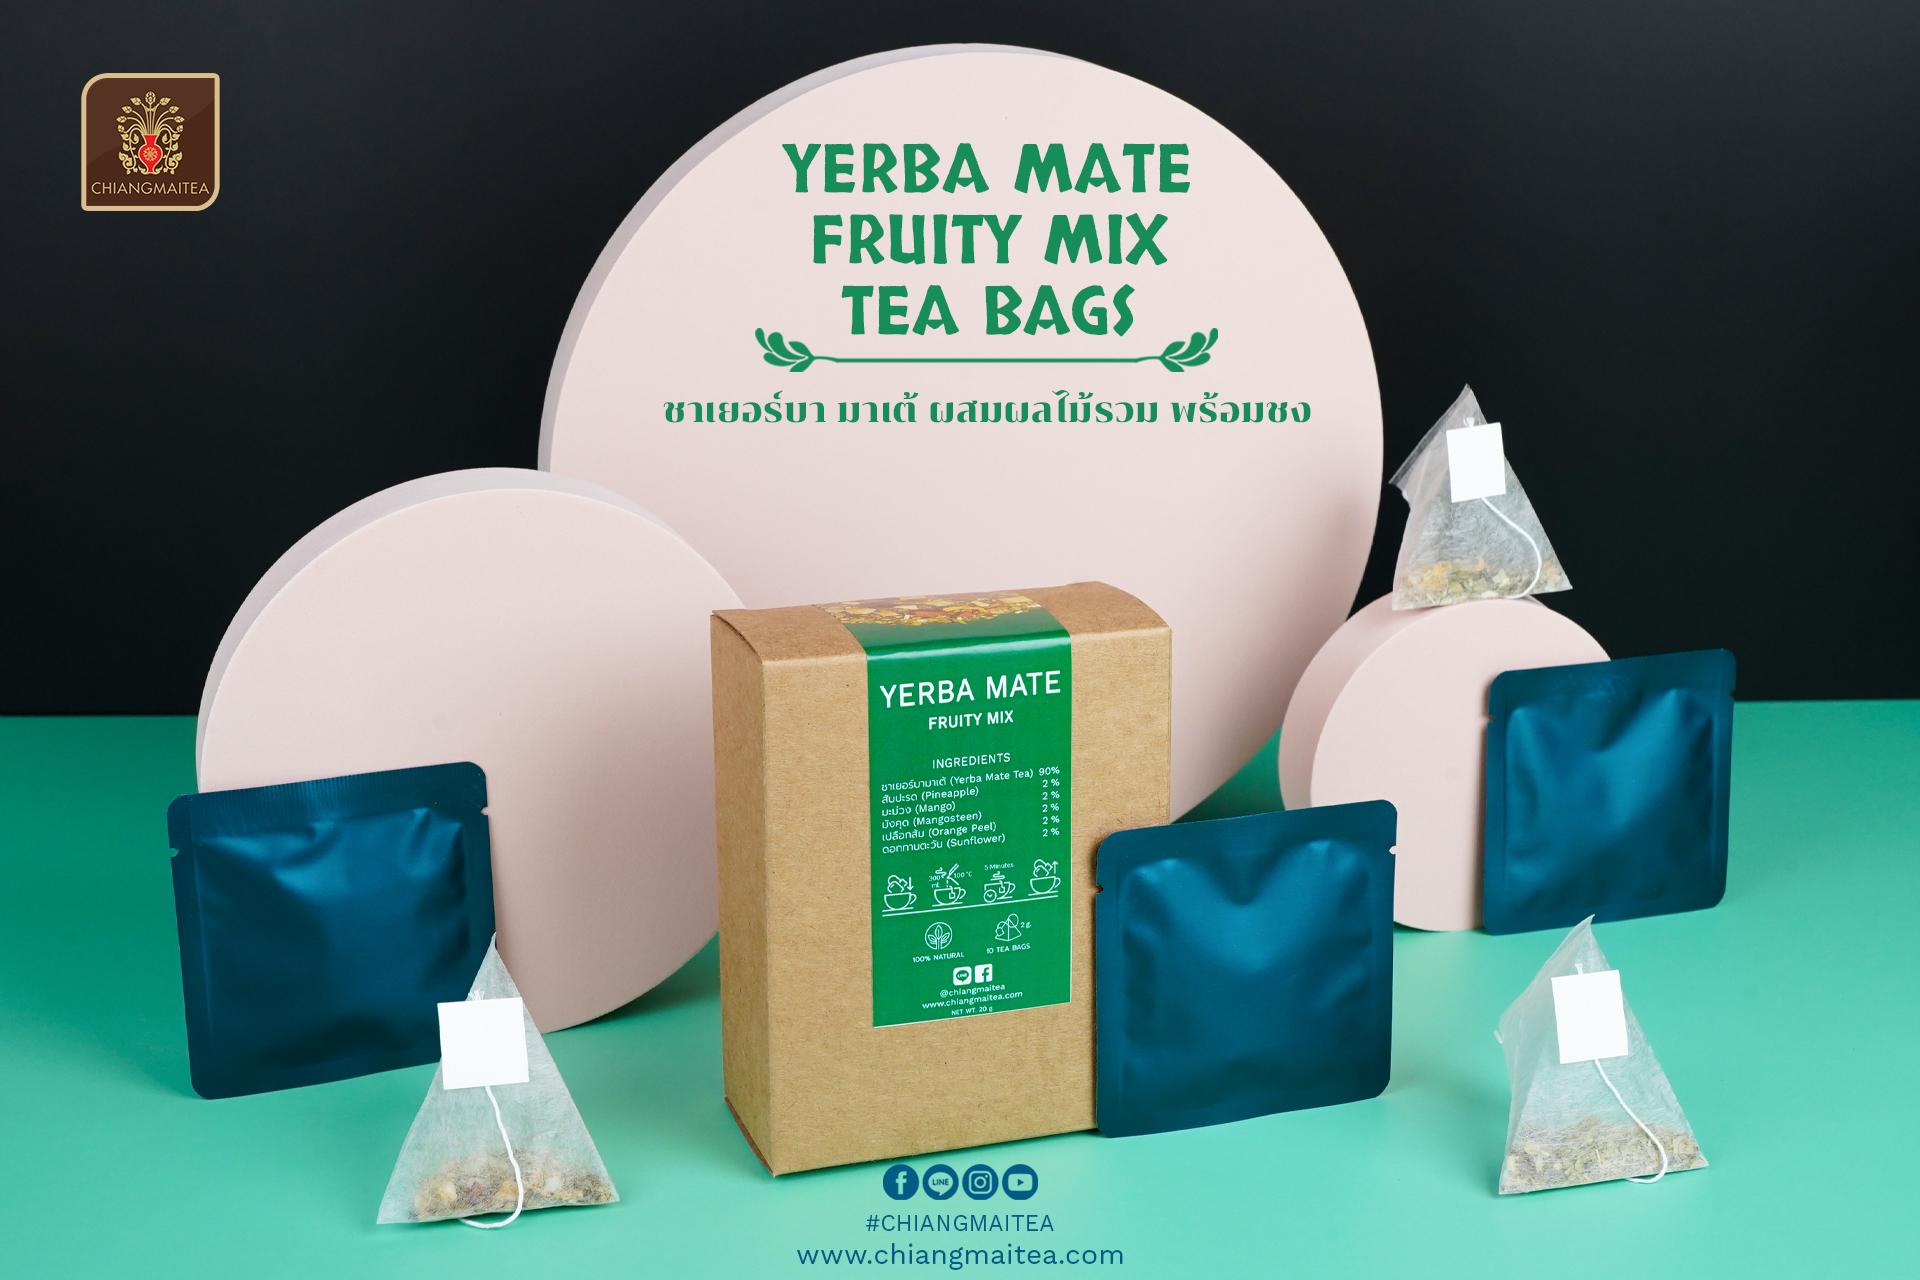 ชาเยอร์บา มาเต้ ผสมผลไม้รวม พร้อมชง Yerba Mate Fruity Mix Tea Bags